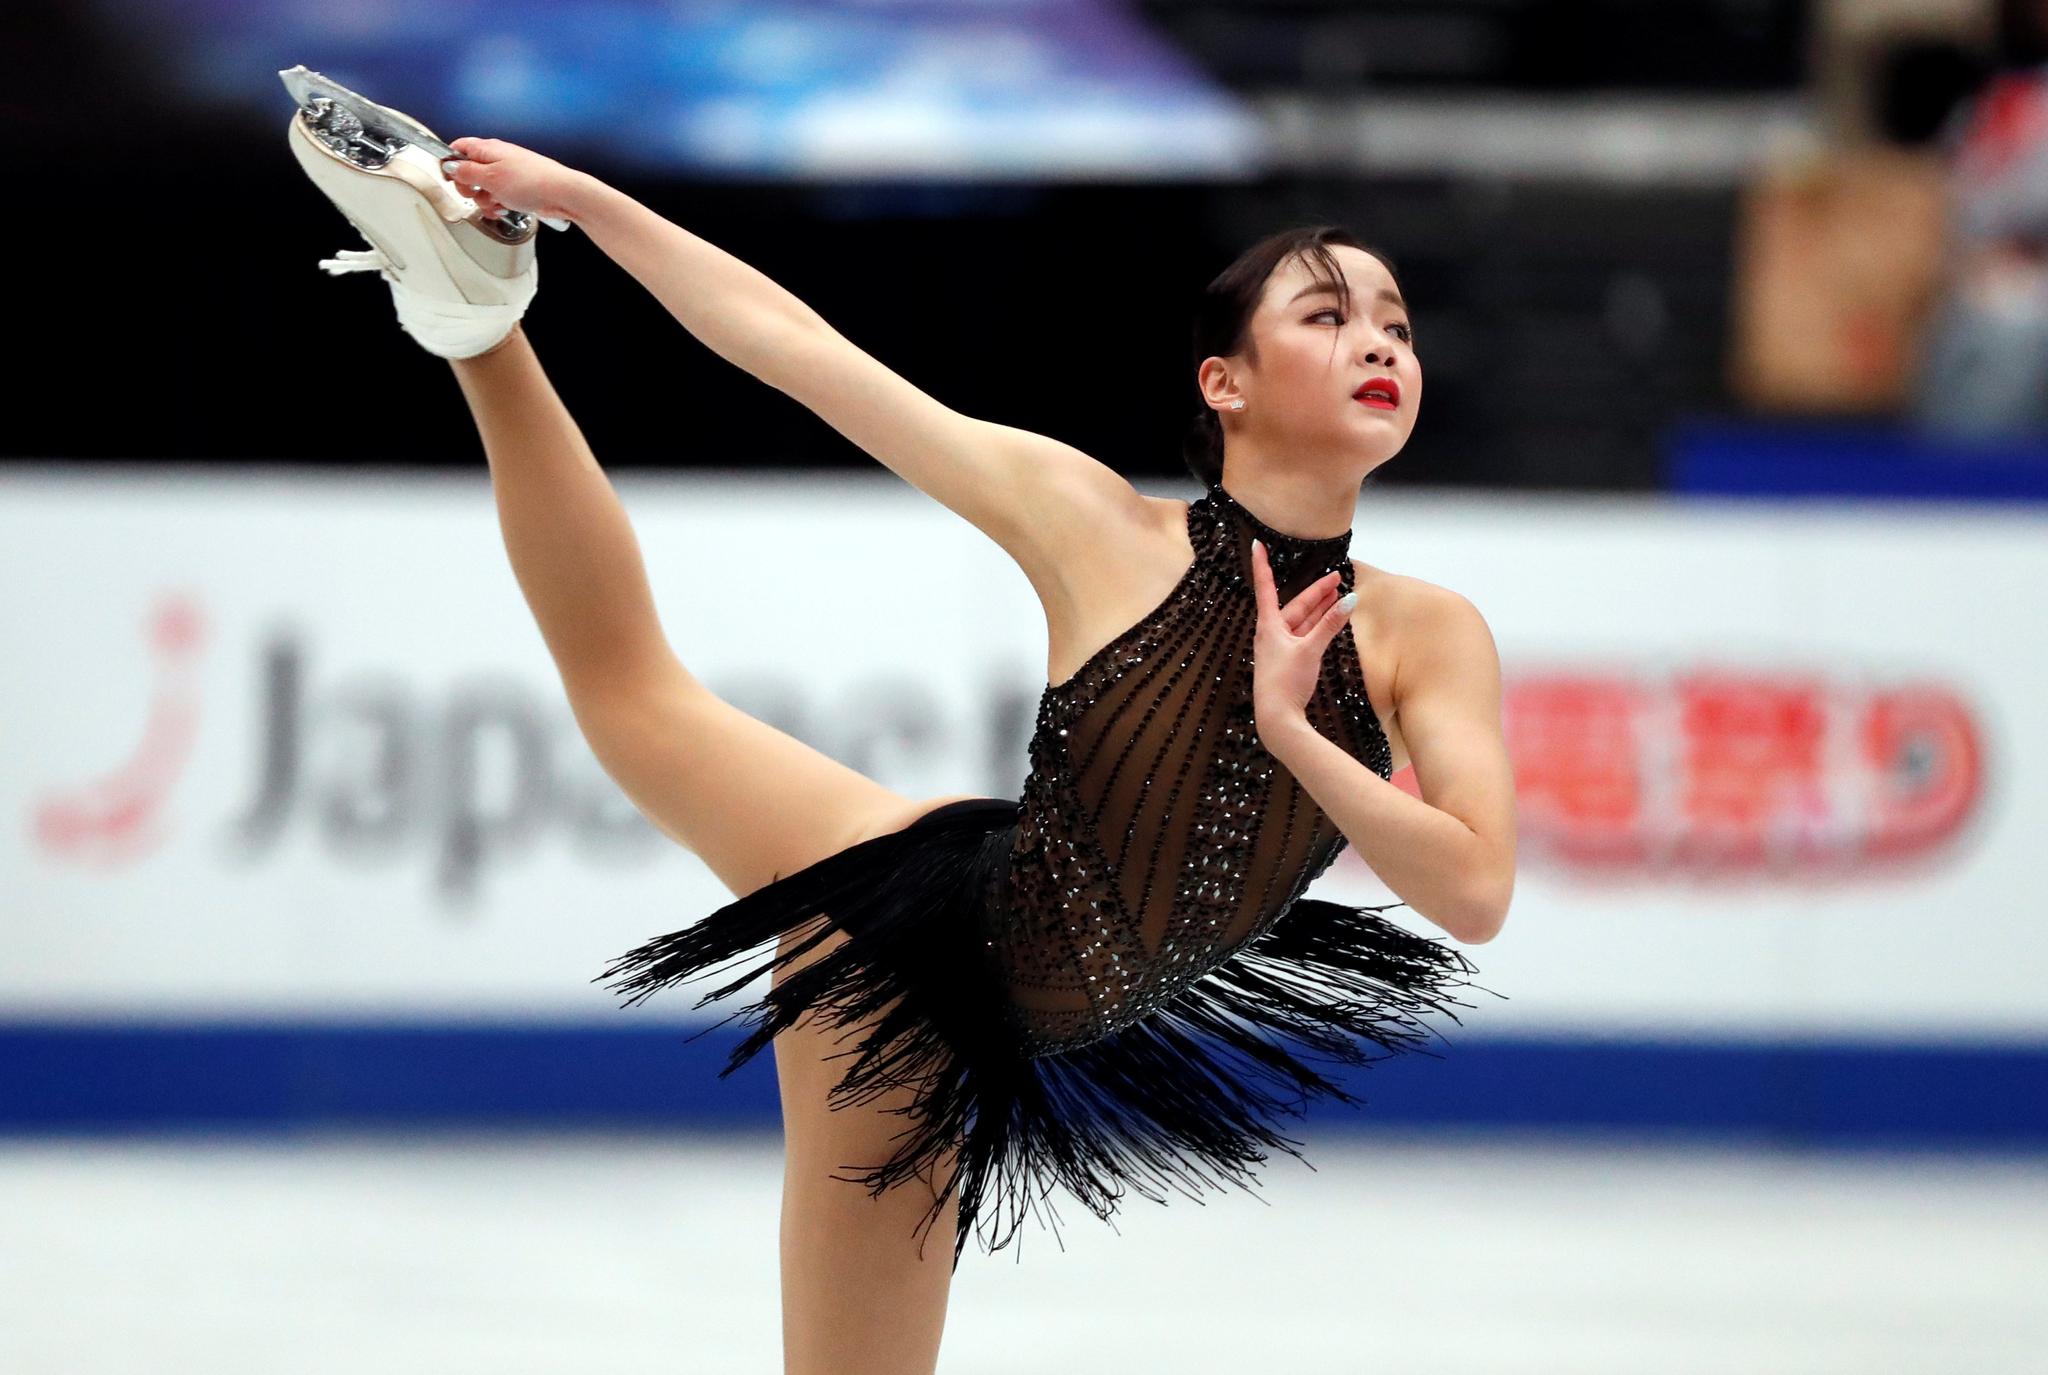 피겨스케이팅 여자 싱글의 임은수(신현고)가 22일(현지시간) 일본 사이타마의 사이타마 슈퍼 아레나에서 열린 2019 국제빙상경기연맹(ISU) 세계선수권대회 여자 싱글 프리스케이팅에서 연기를 펼치고 있다. [로이터=연합뉴스]